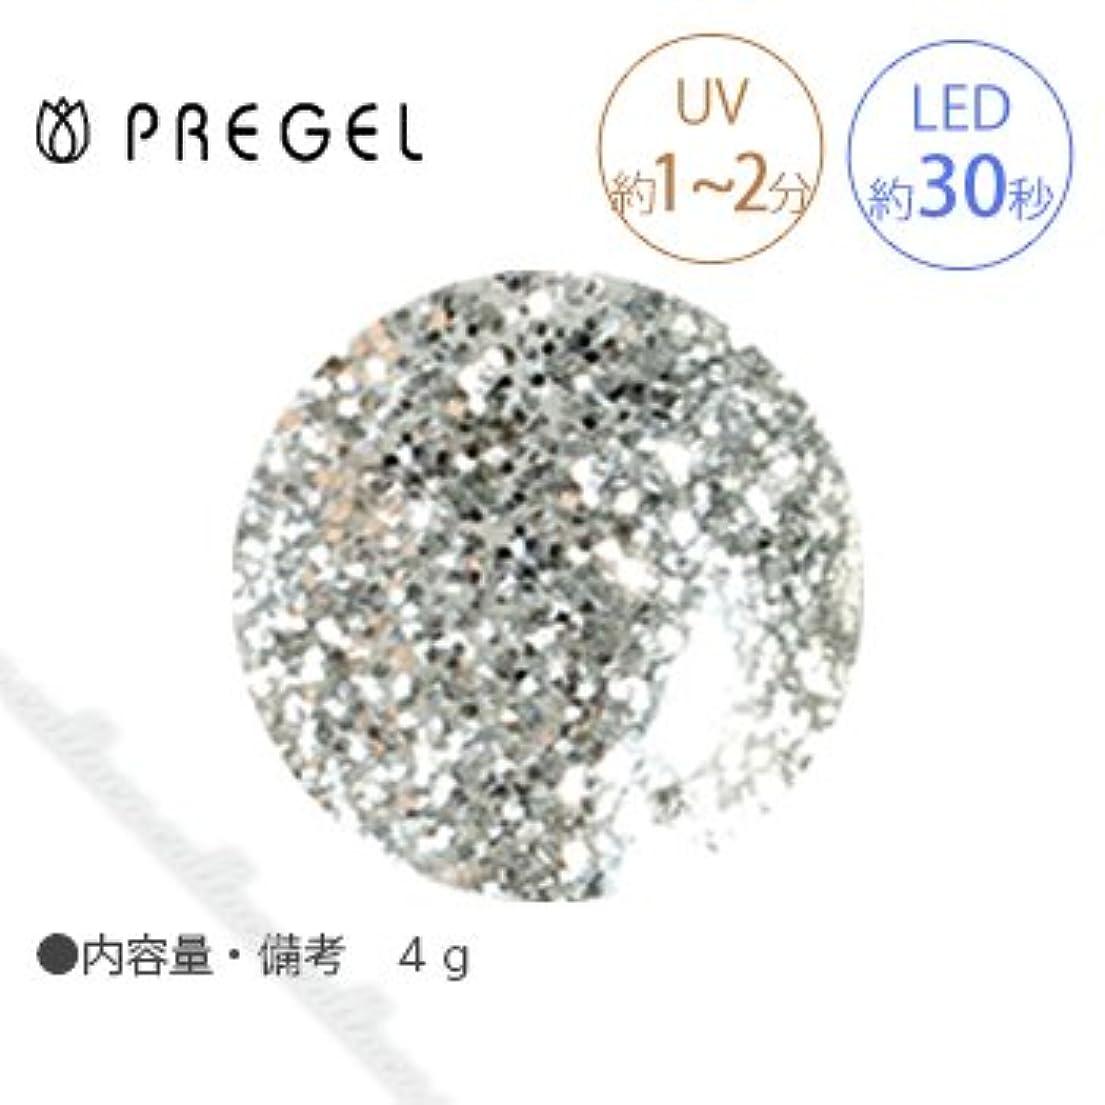 飾り羽紳士打たれたトラック【PREGEL】 プリジェル カラーEX ダイヤモンドシリーズ ダイヤモンドシルバー PG-CE400 4g